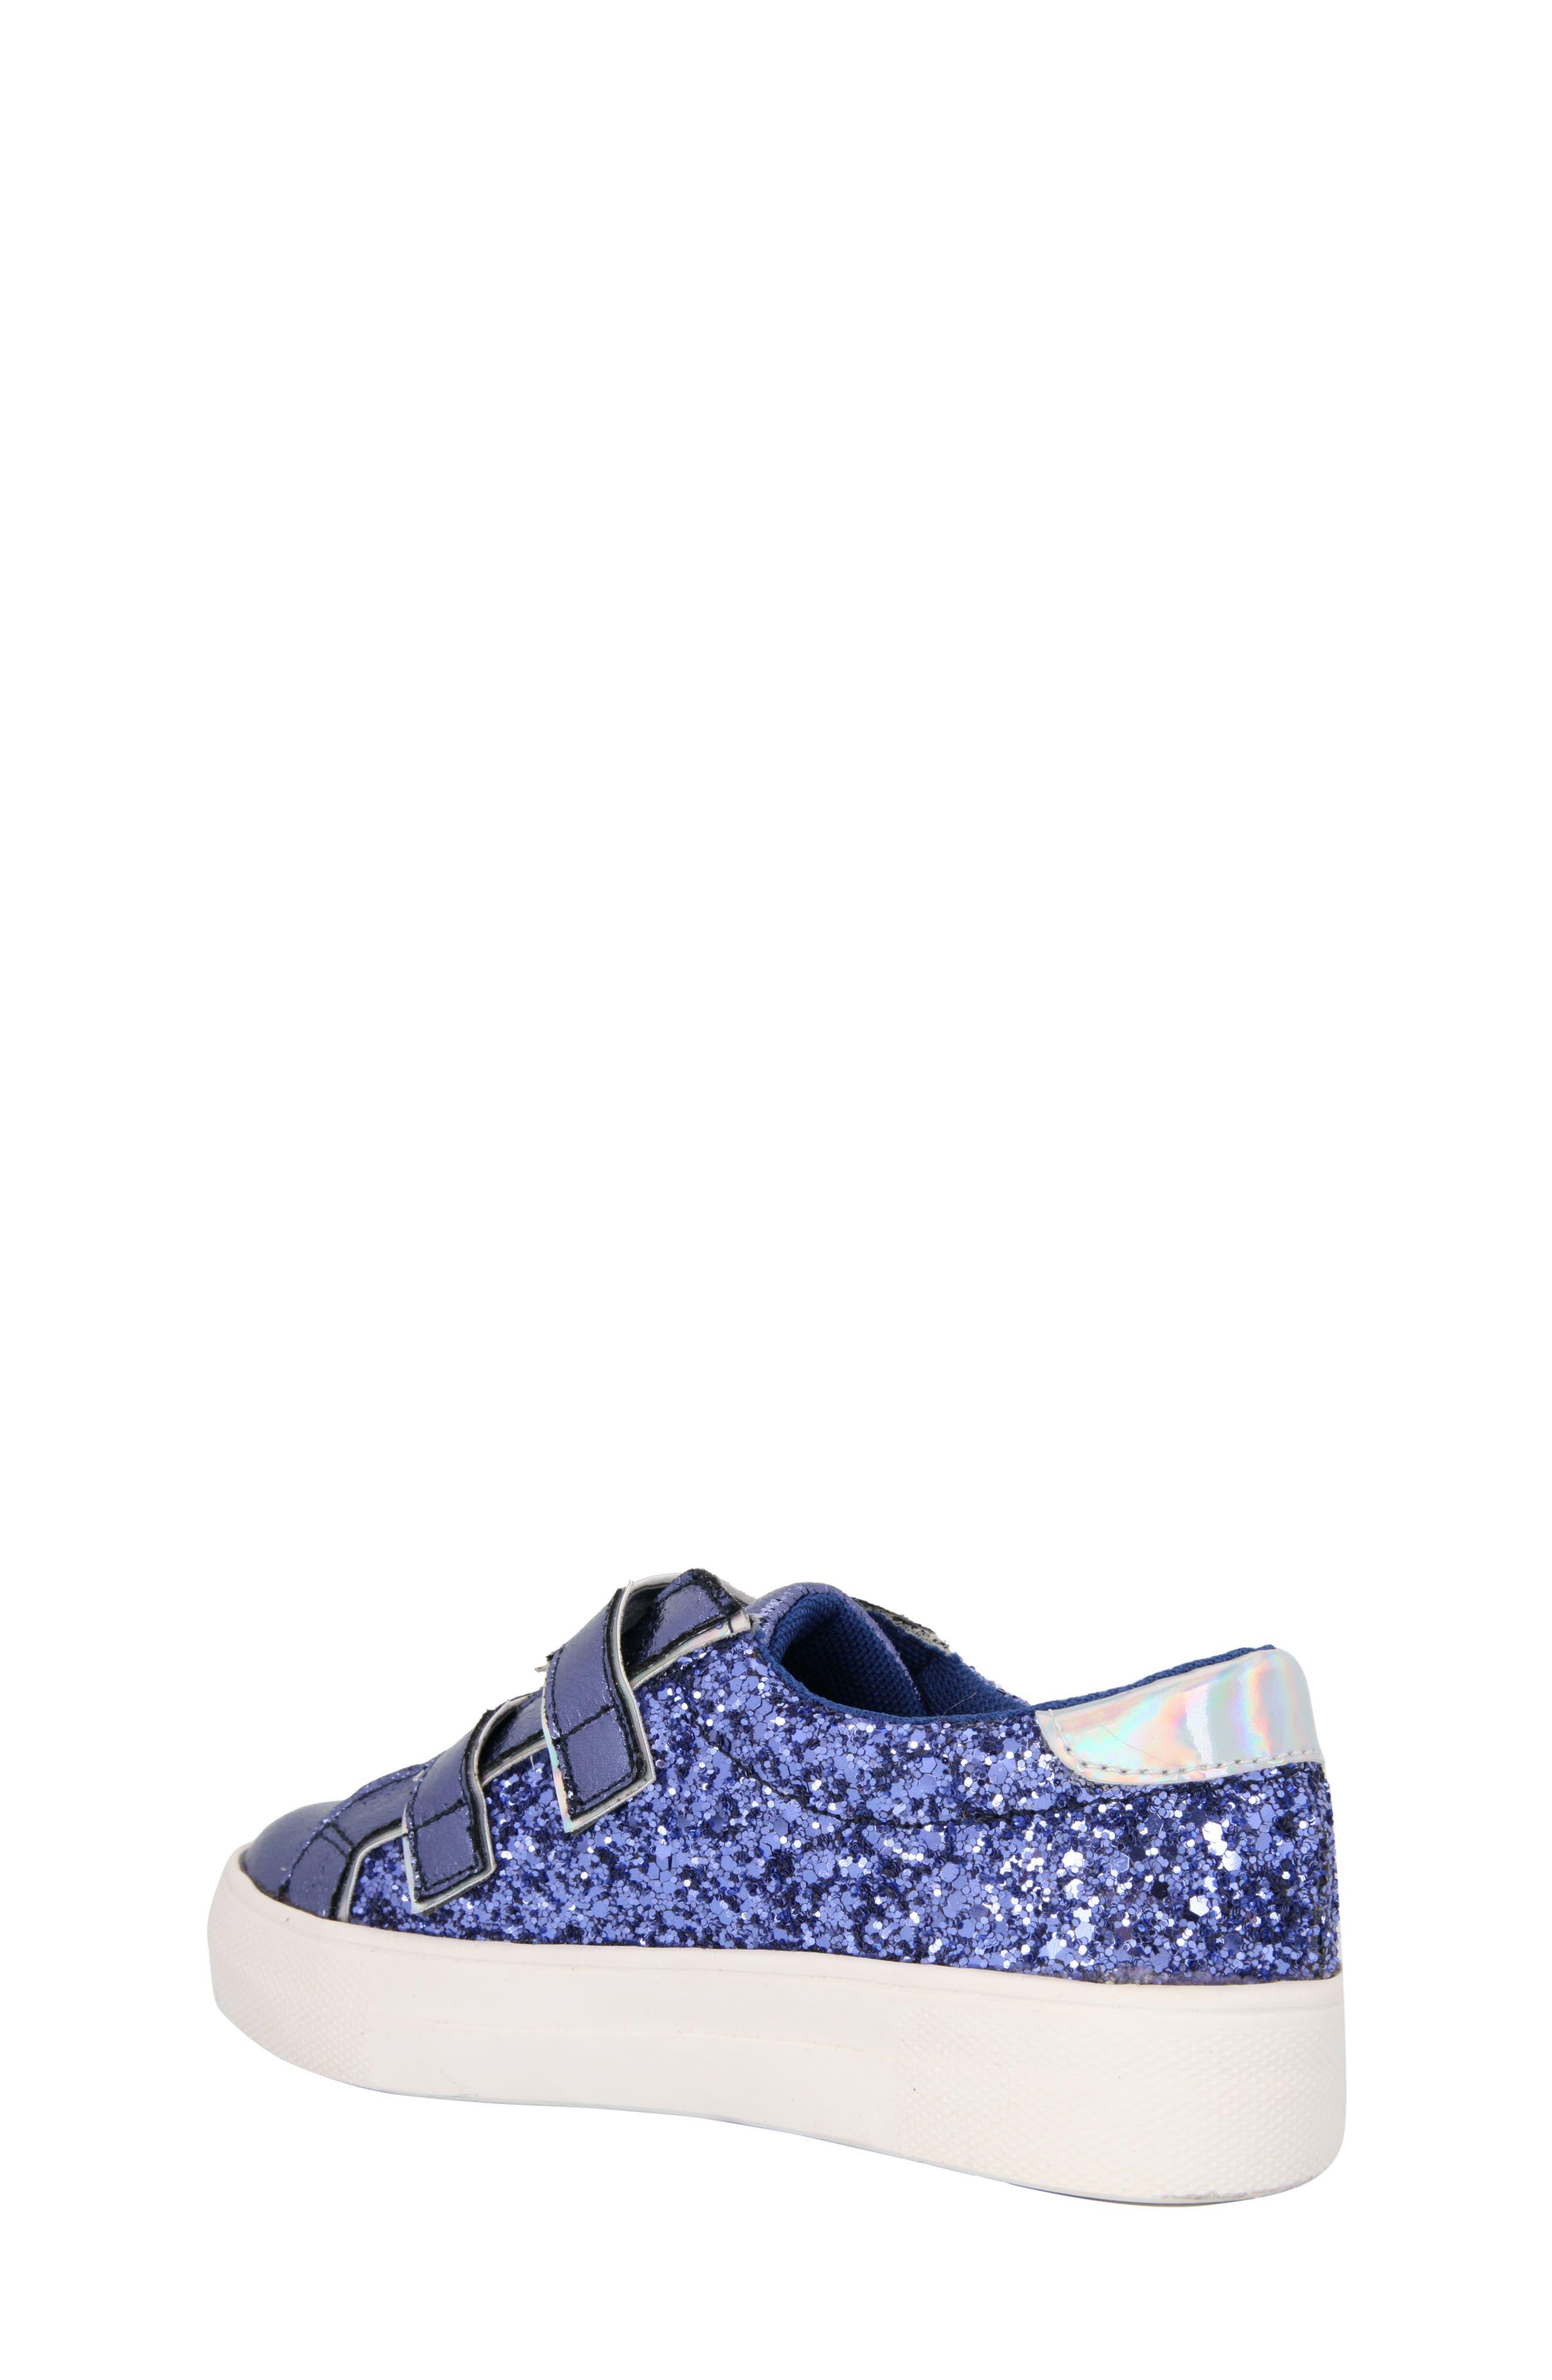 Ashley Glittery Metallic Sneaker,                             Alternate thumbnail 2, color,                             Cobalt Metallic/ Glitter